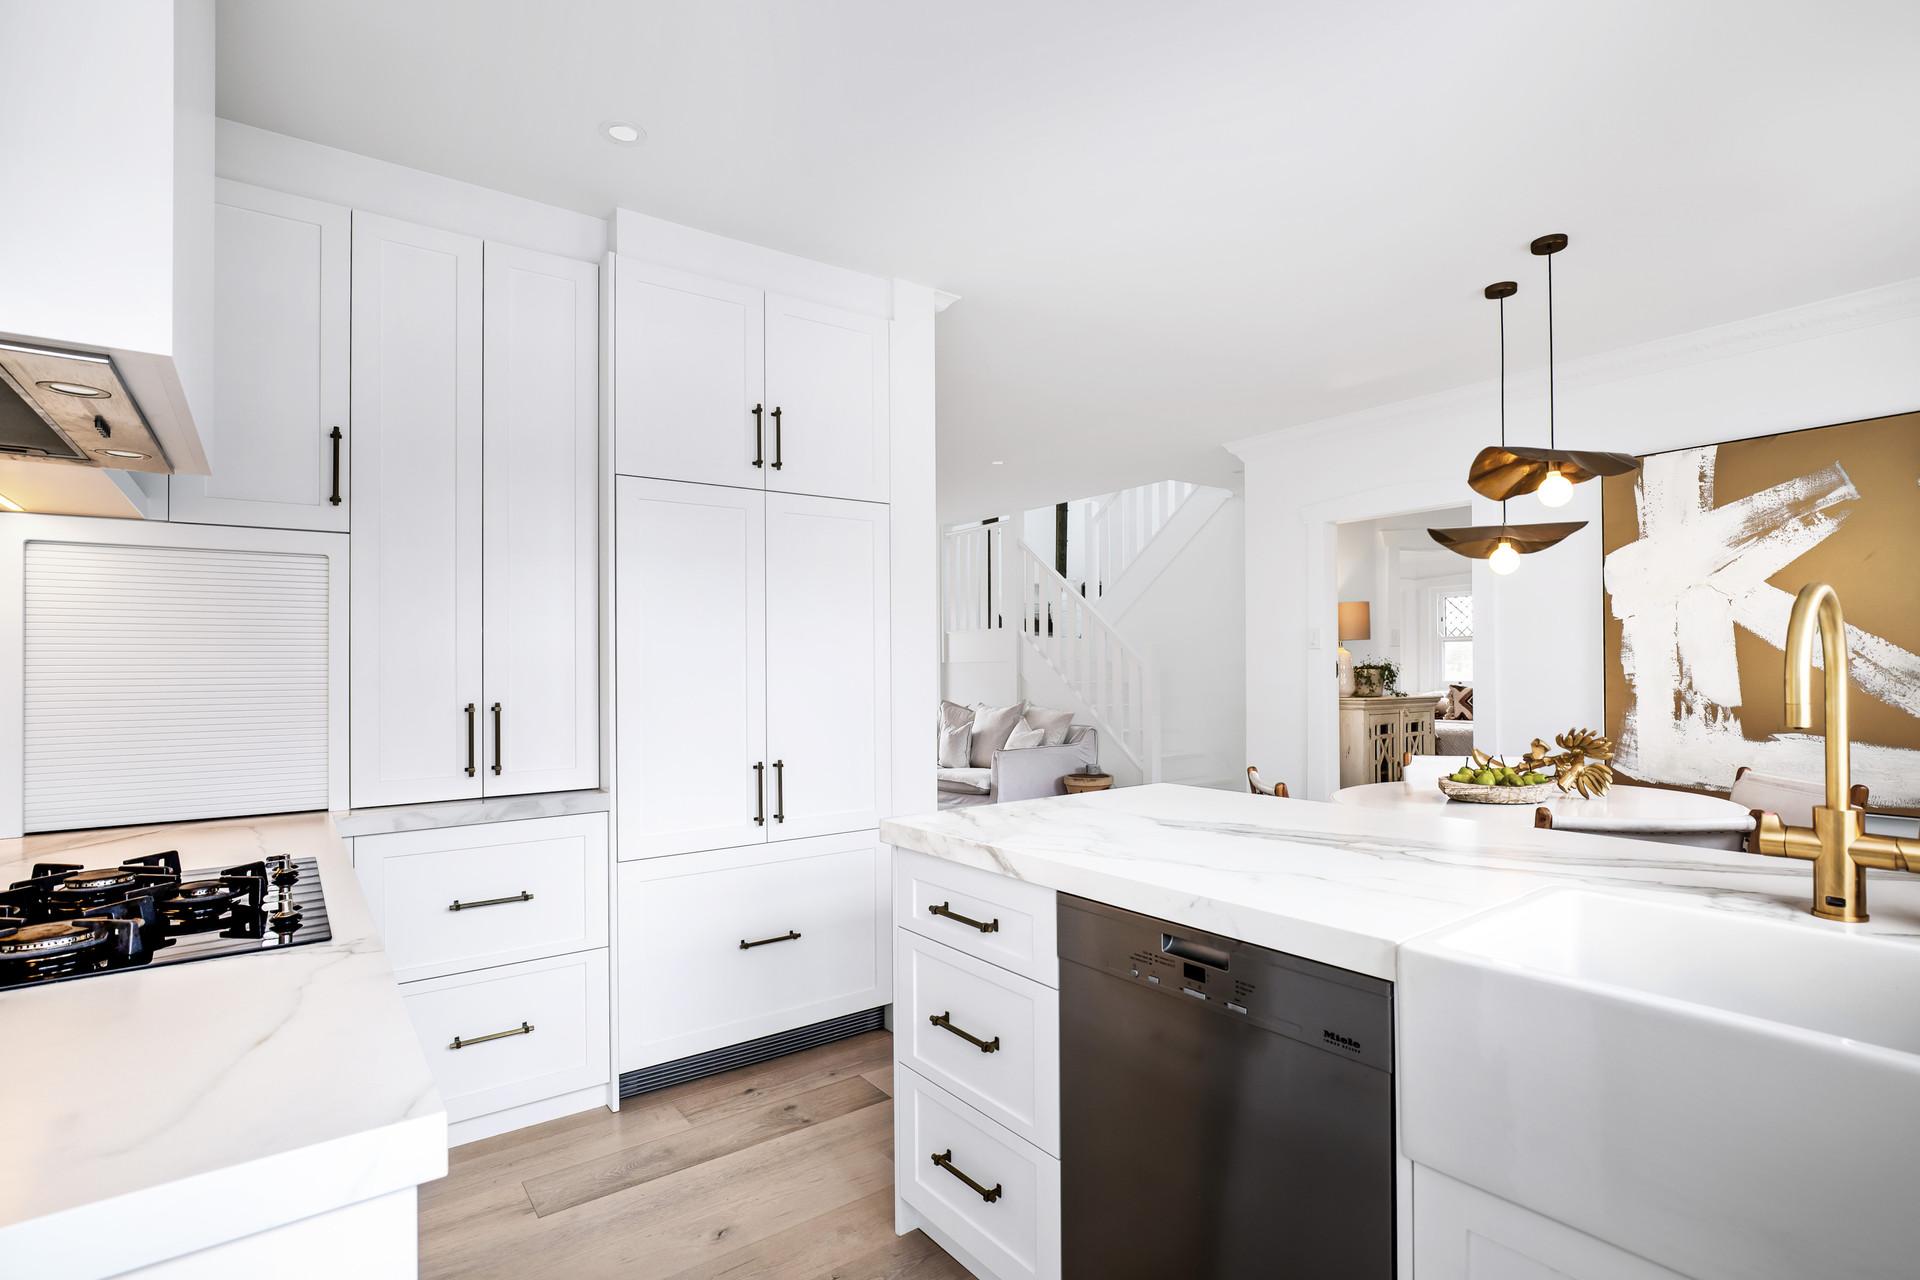 Kitchenworks_Manly_4_ret.jpg